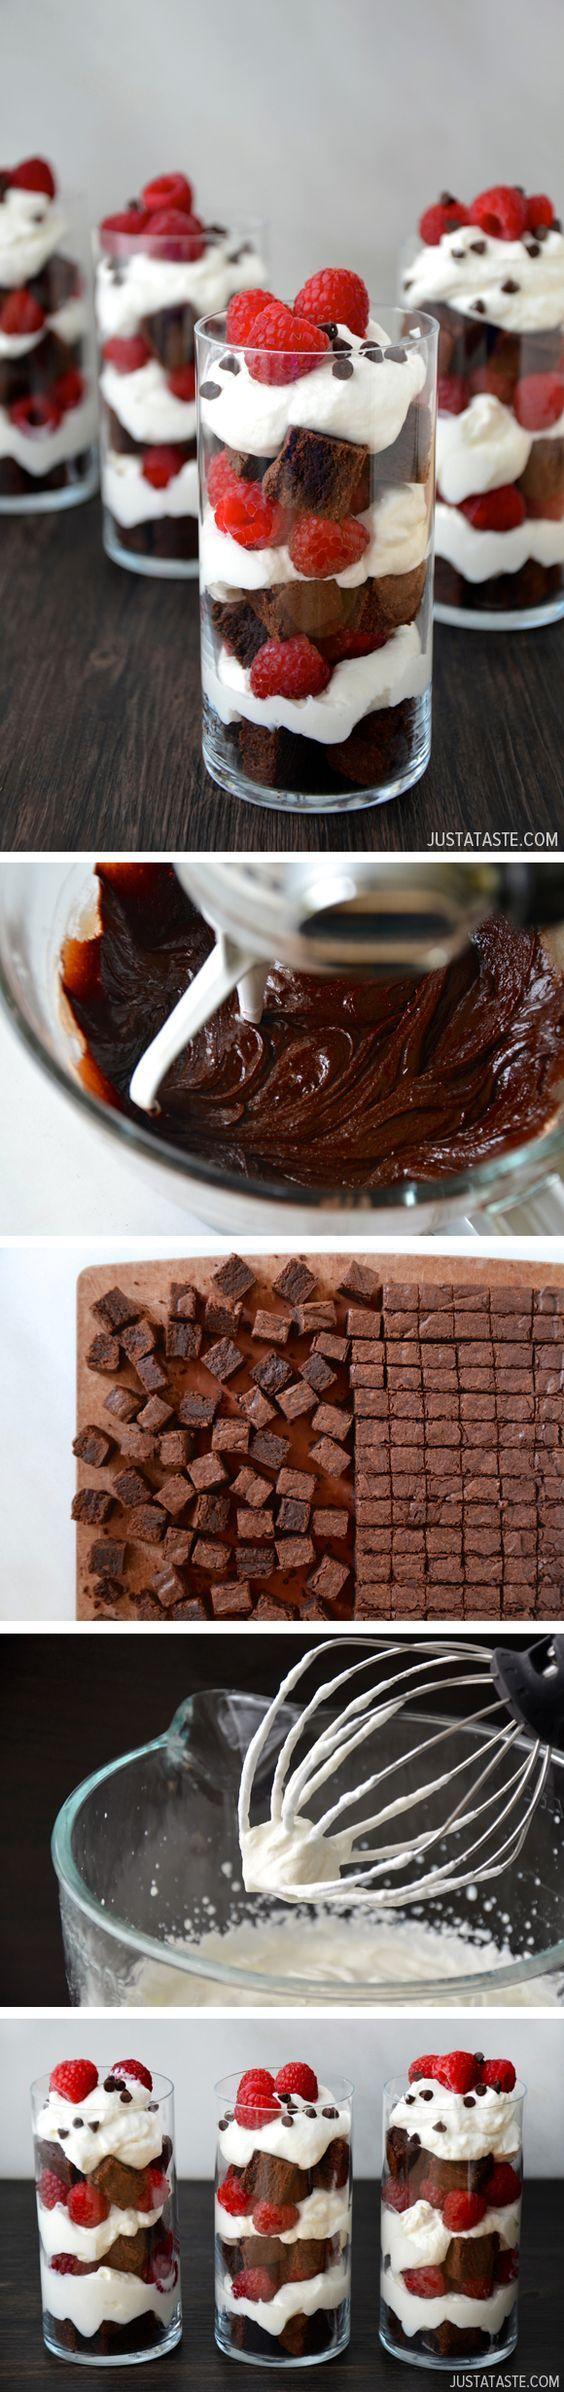 Idée de chantilly avec morceaux de chocolat et framboises.